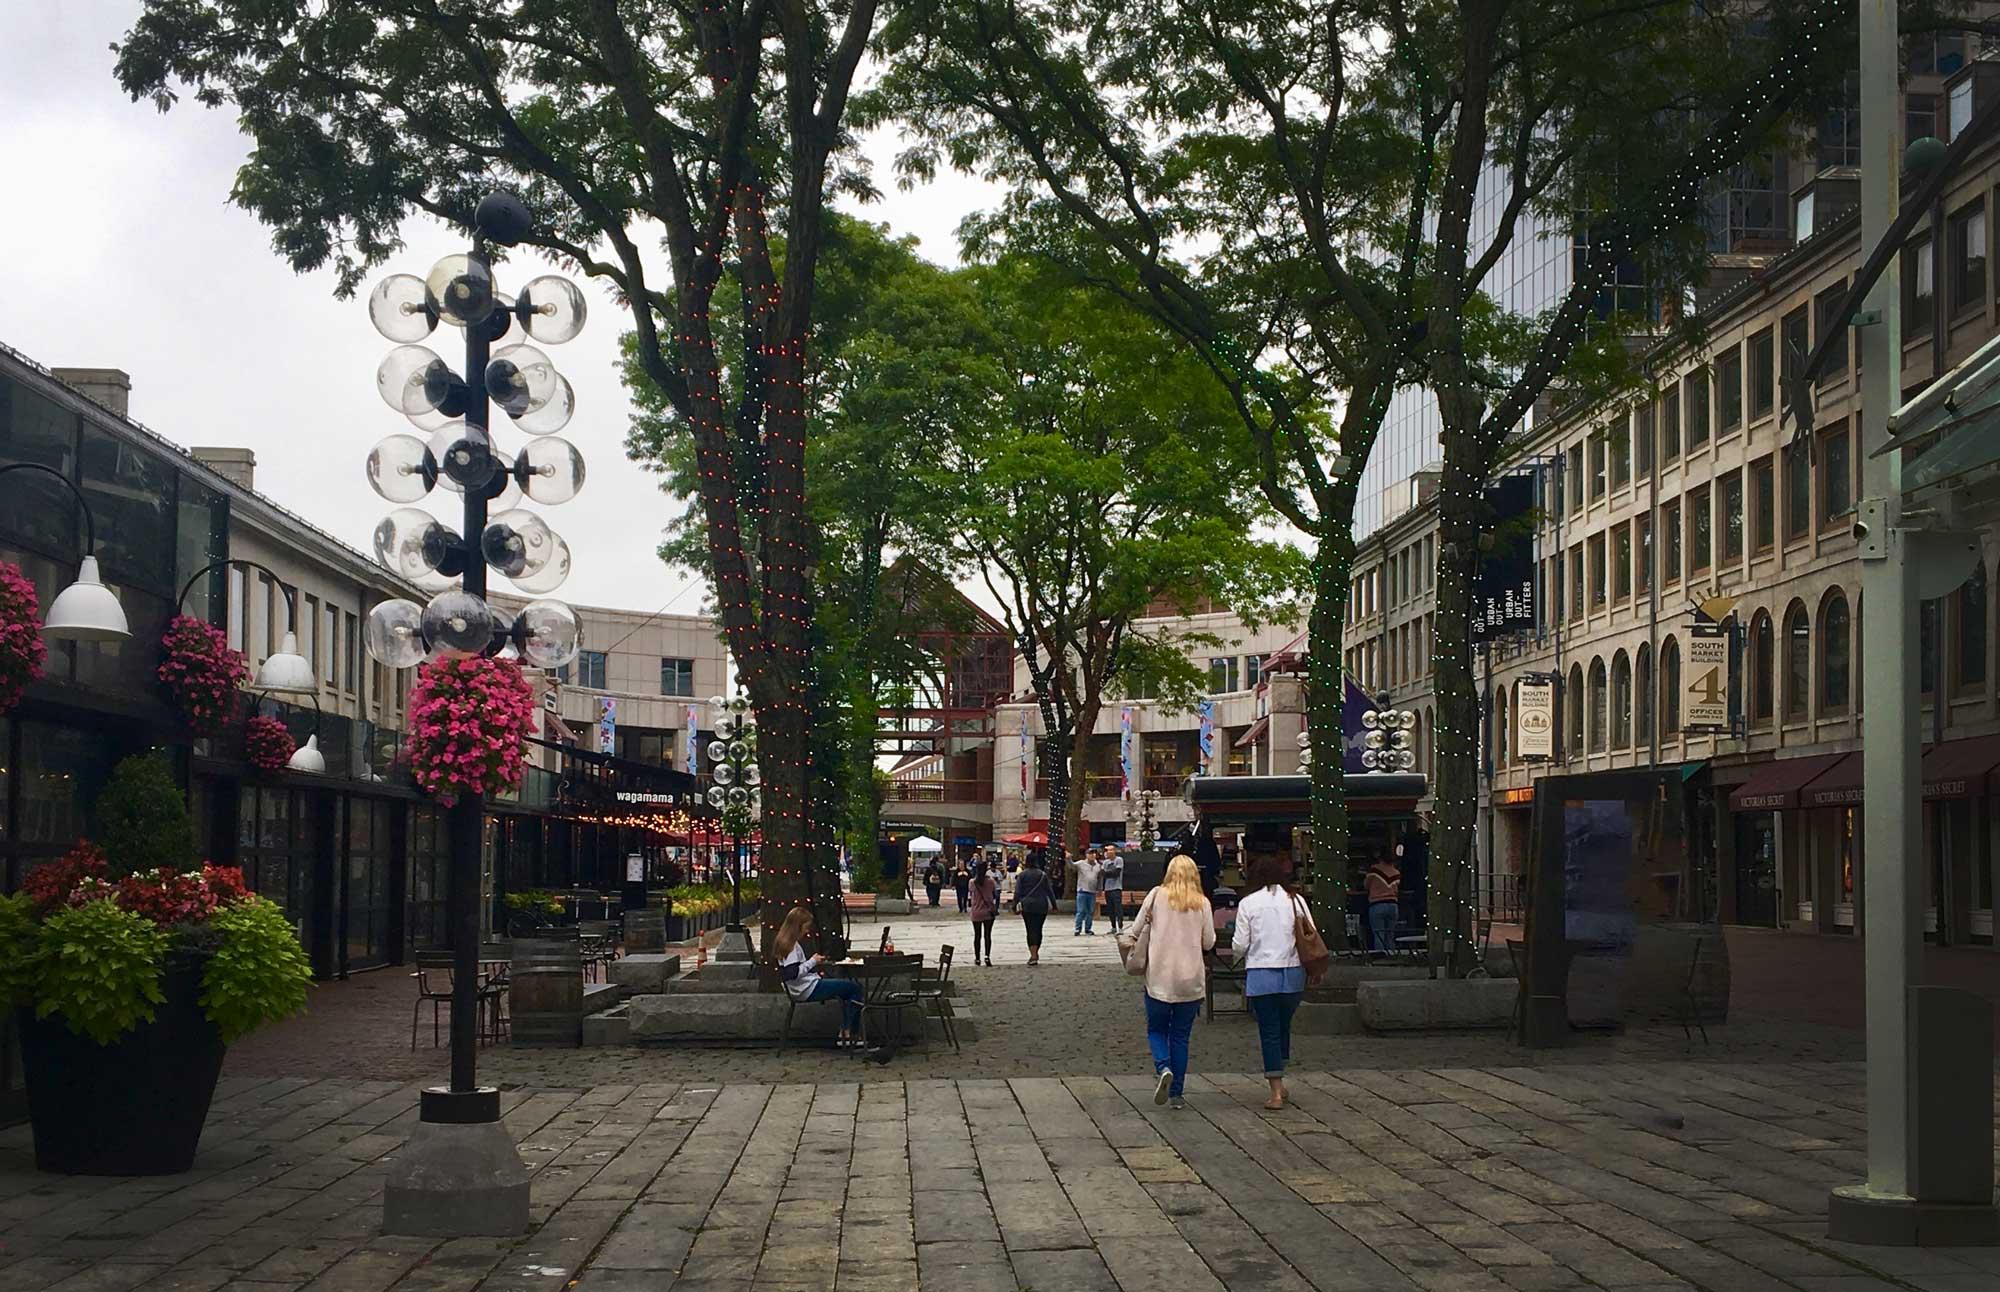 Courtyard outside Quincy Market near Freedom Trail in Boston, Massachusetts